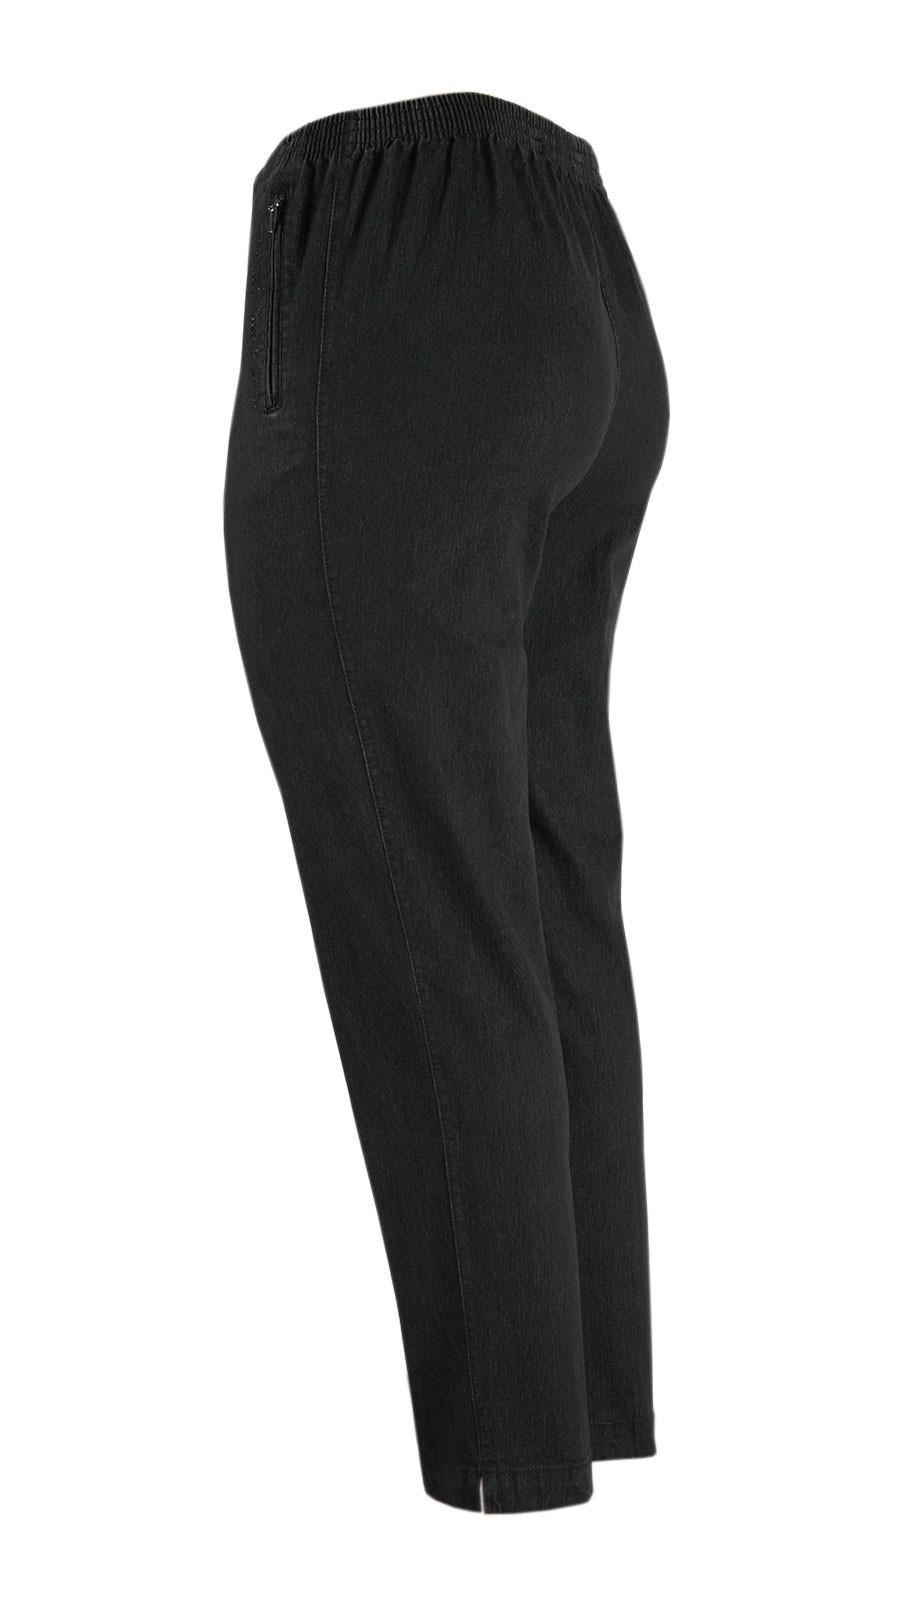 Damen Stretch Jeans Schlupfhose Schlupfjeans K-Größen - Herbst-Winter-Kollektion - schwarz